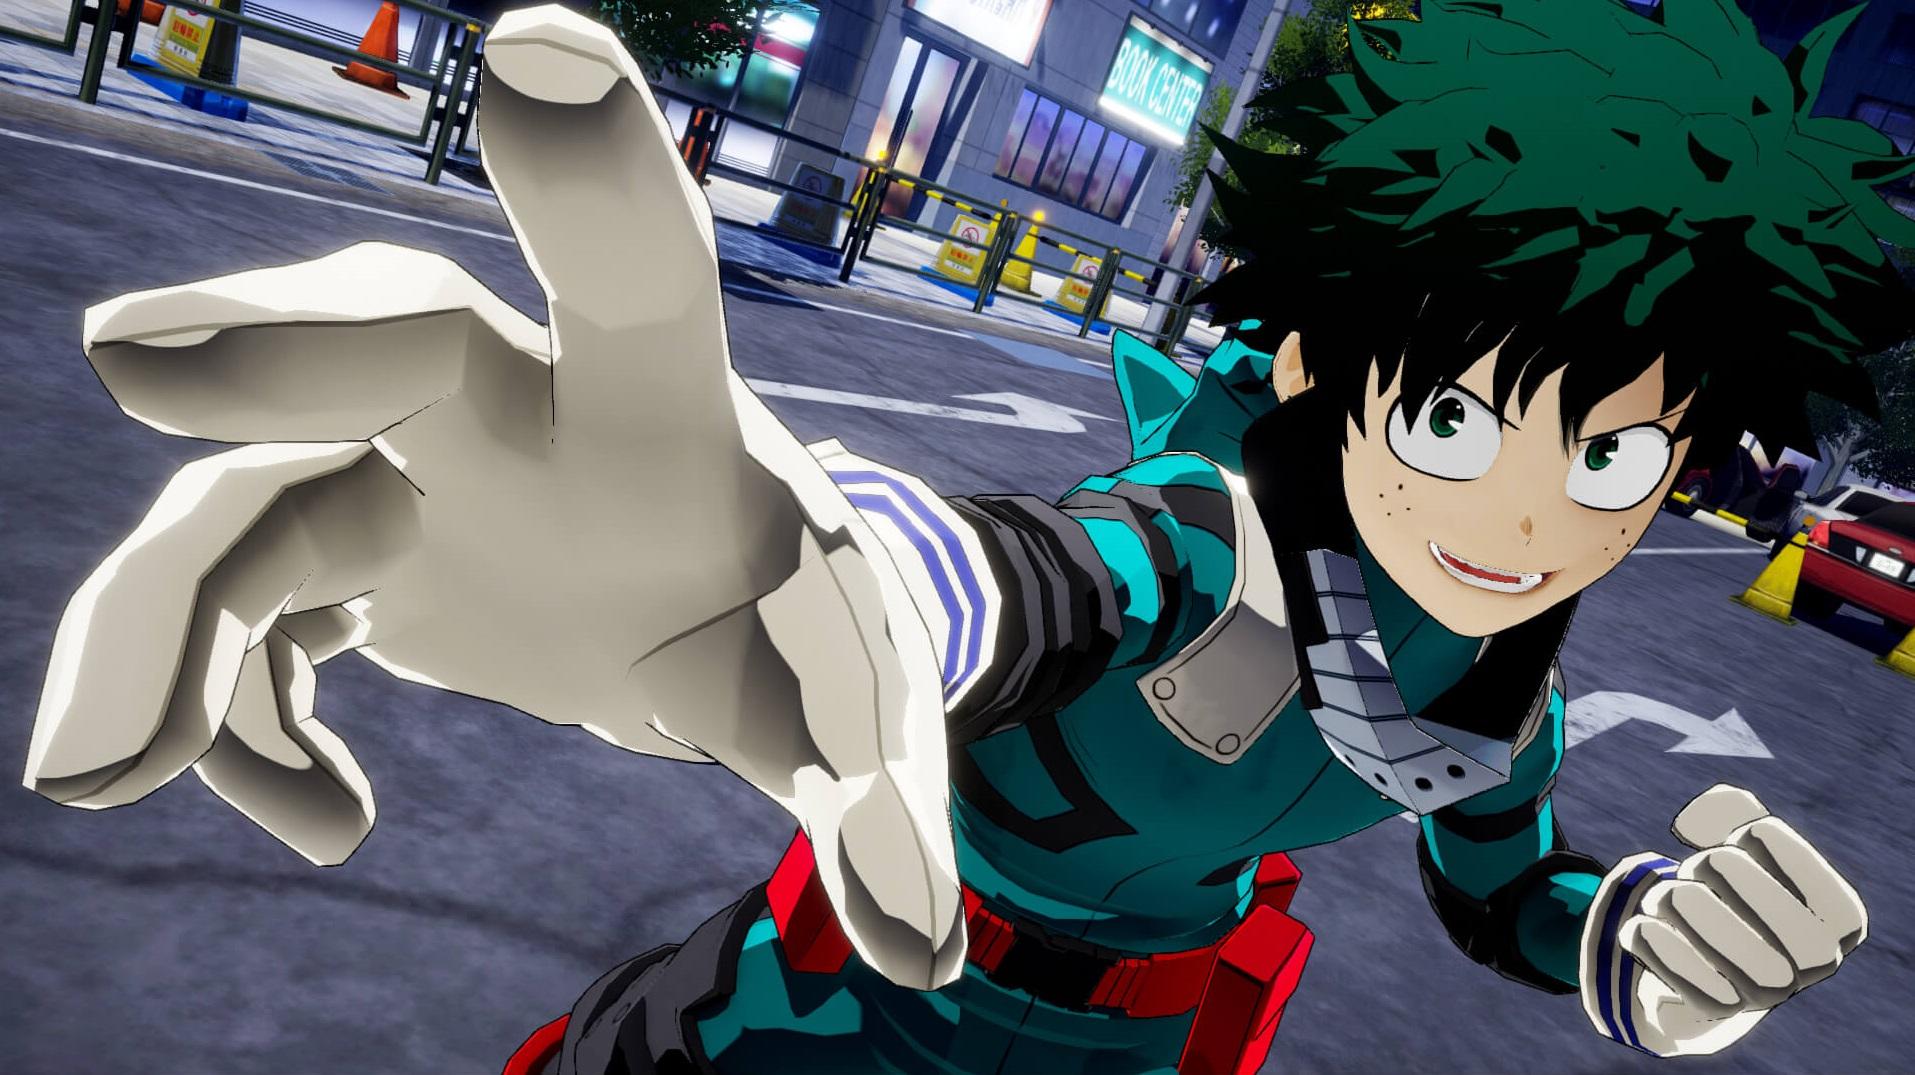 Aparentemente, My Hero Academia: One's Justice está esgotado no Japão